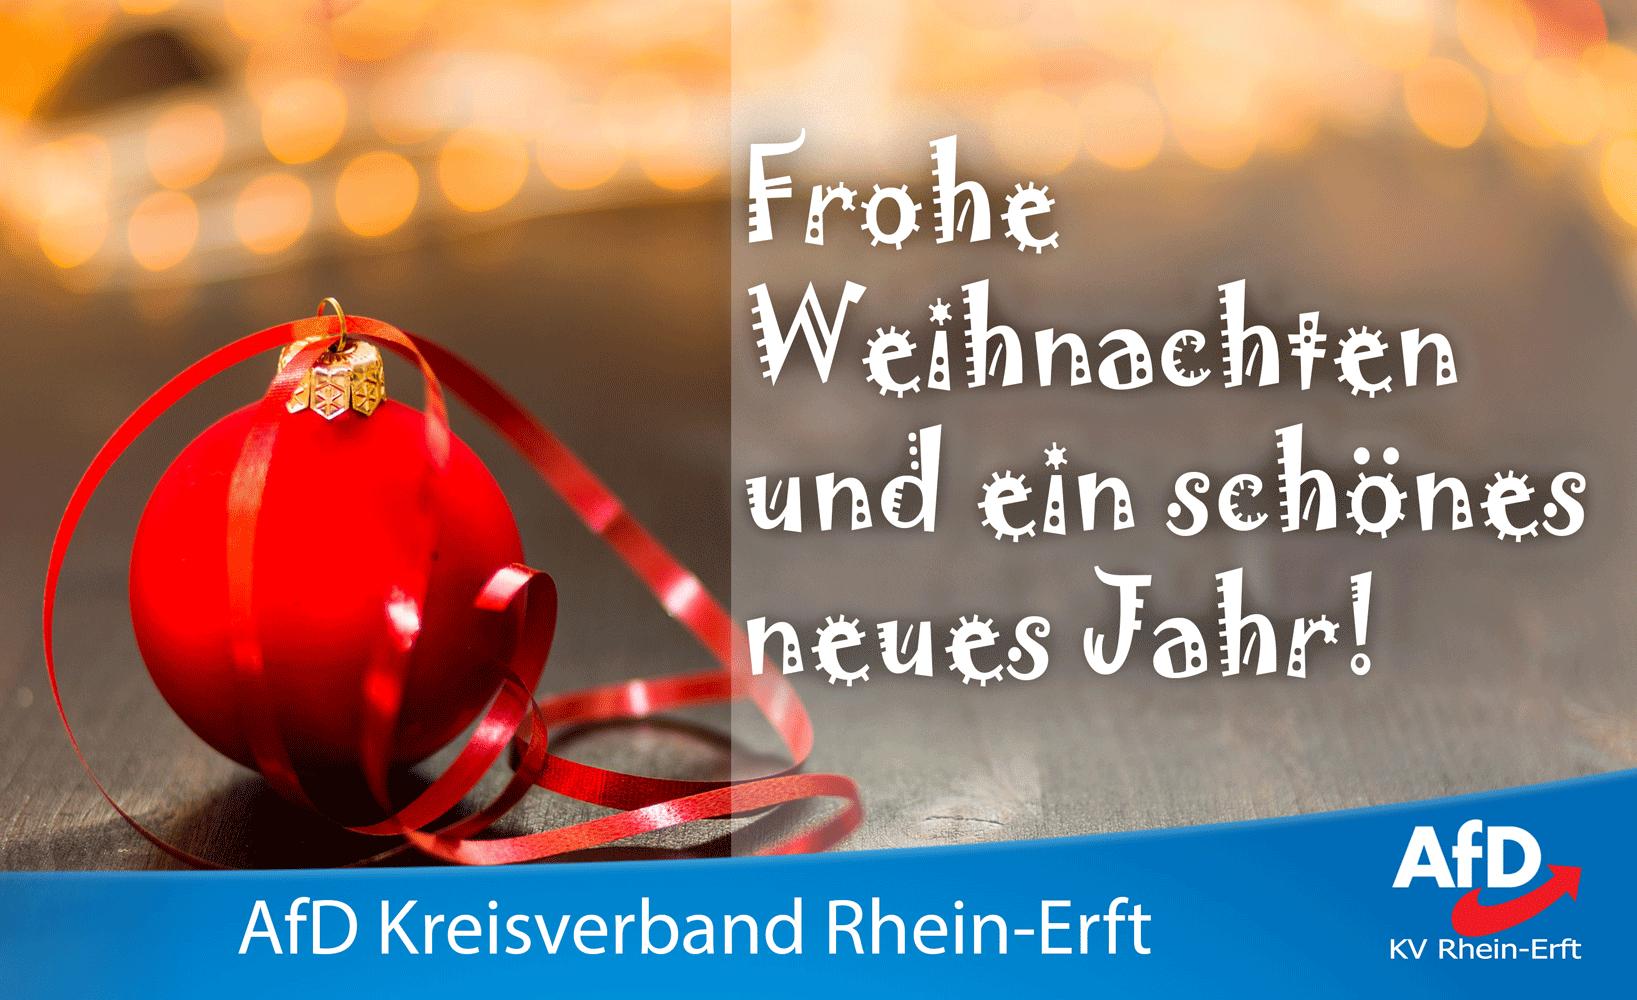 Frohe Weihnachten Und Schönes Neues Jahr.Frohe Weihnachten Und Ein Schönes Neues Jahr Afd Rhein Erft